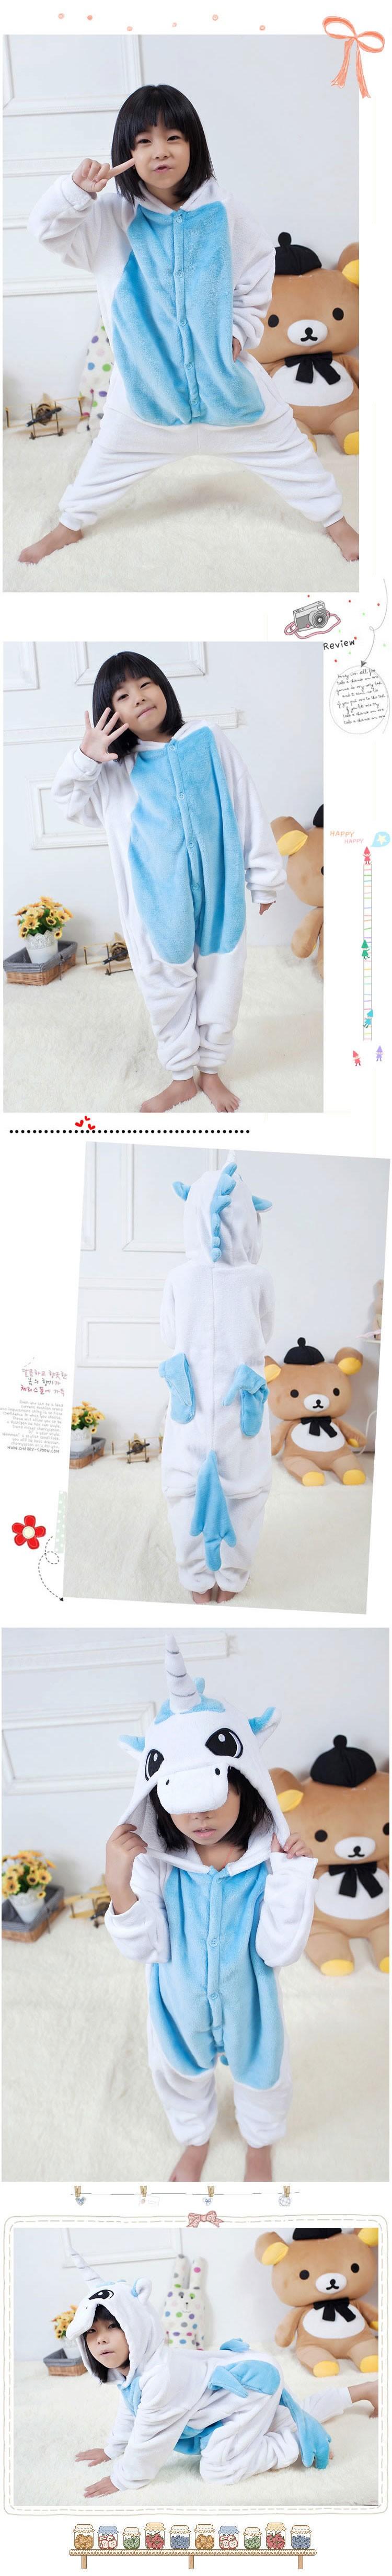 2016 Unicorn Pajamas Adult Kids Warm Flannel Siamese Cartoon Autumn Winter  Pajamas Family Fitted Animal Pajamas for women menUSD 29.99-40.59 piece d45e8e2265bd8